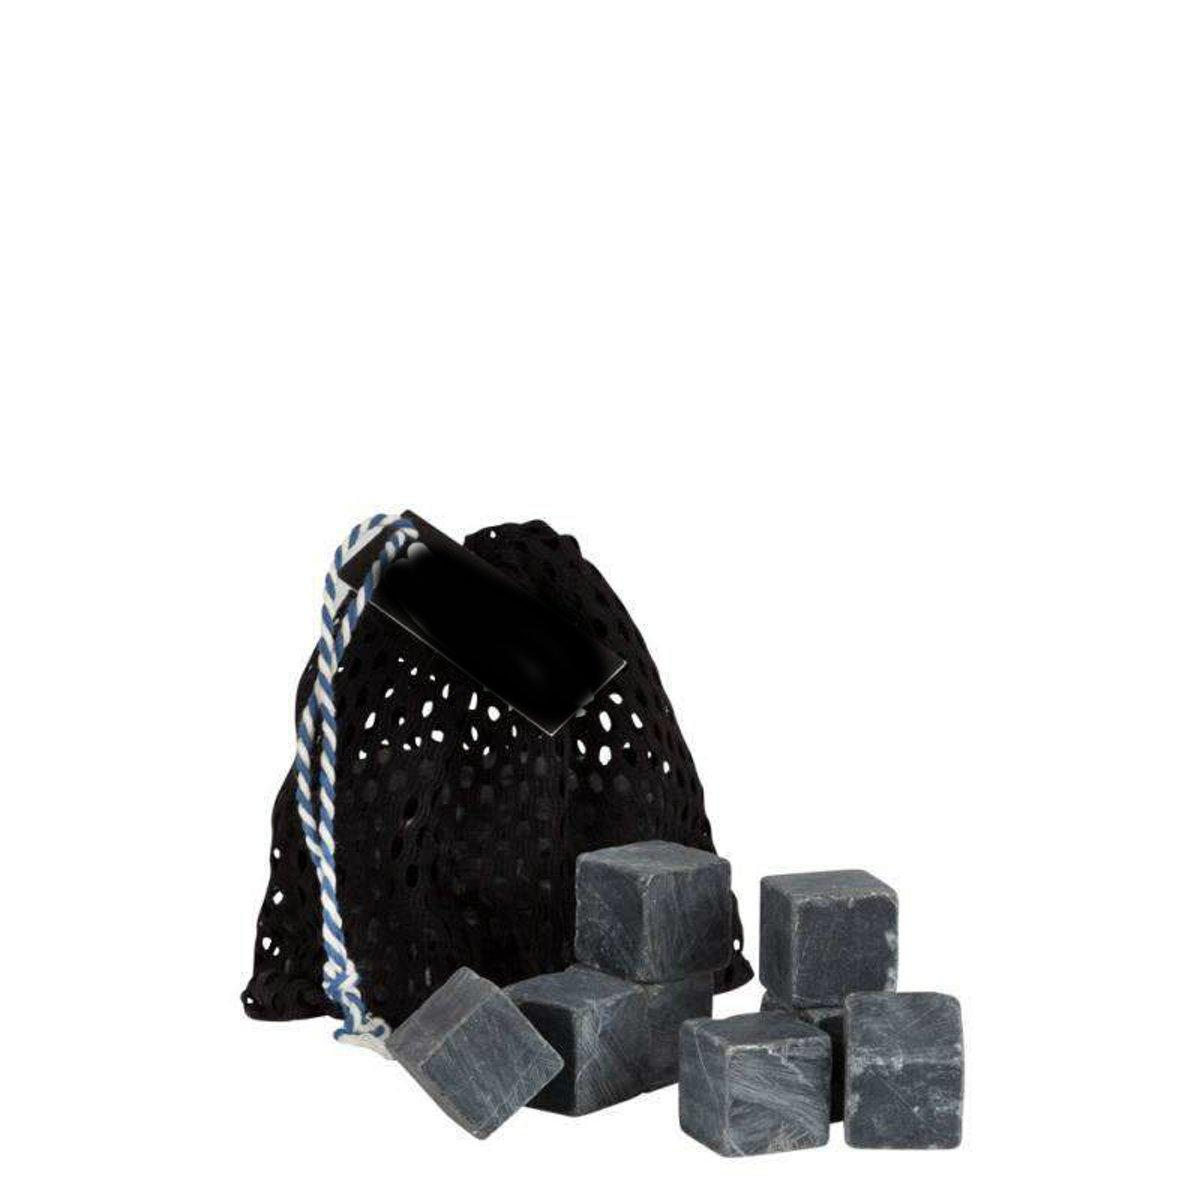 Whiskey stones zwart marmer 12 stuks kopen